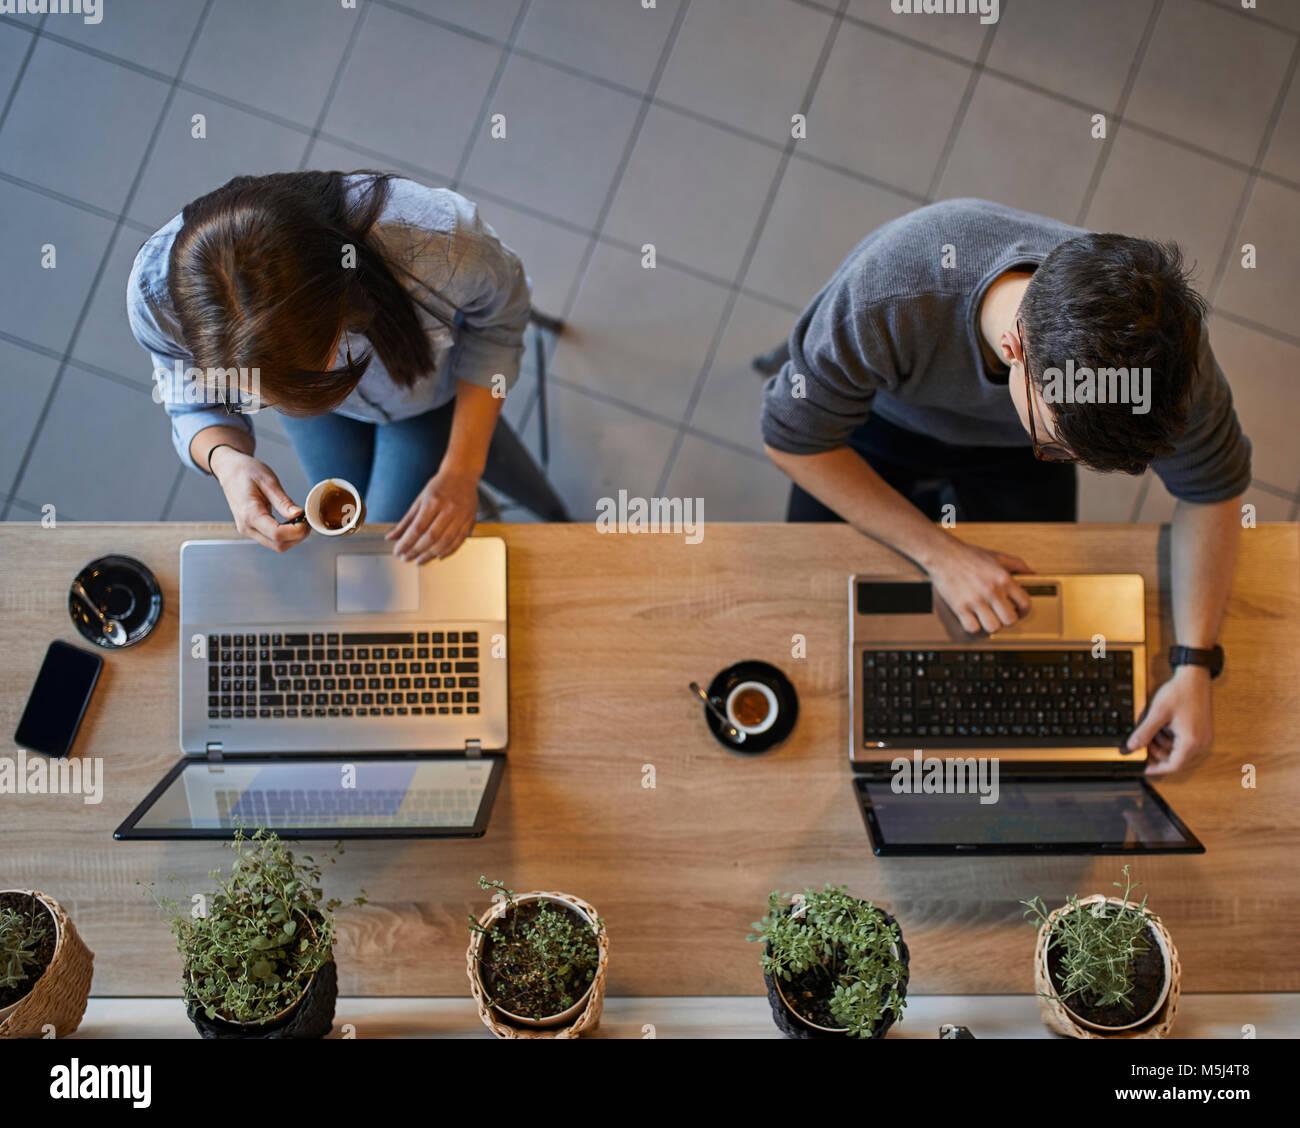 Blick von oben auf die junge Frau und ein Mann in einem Café mit Laptops Stockbild